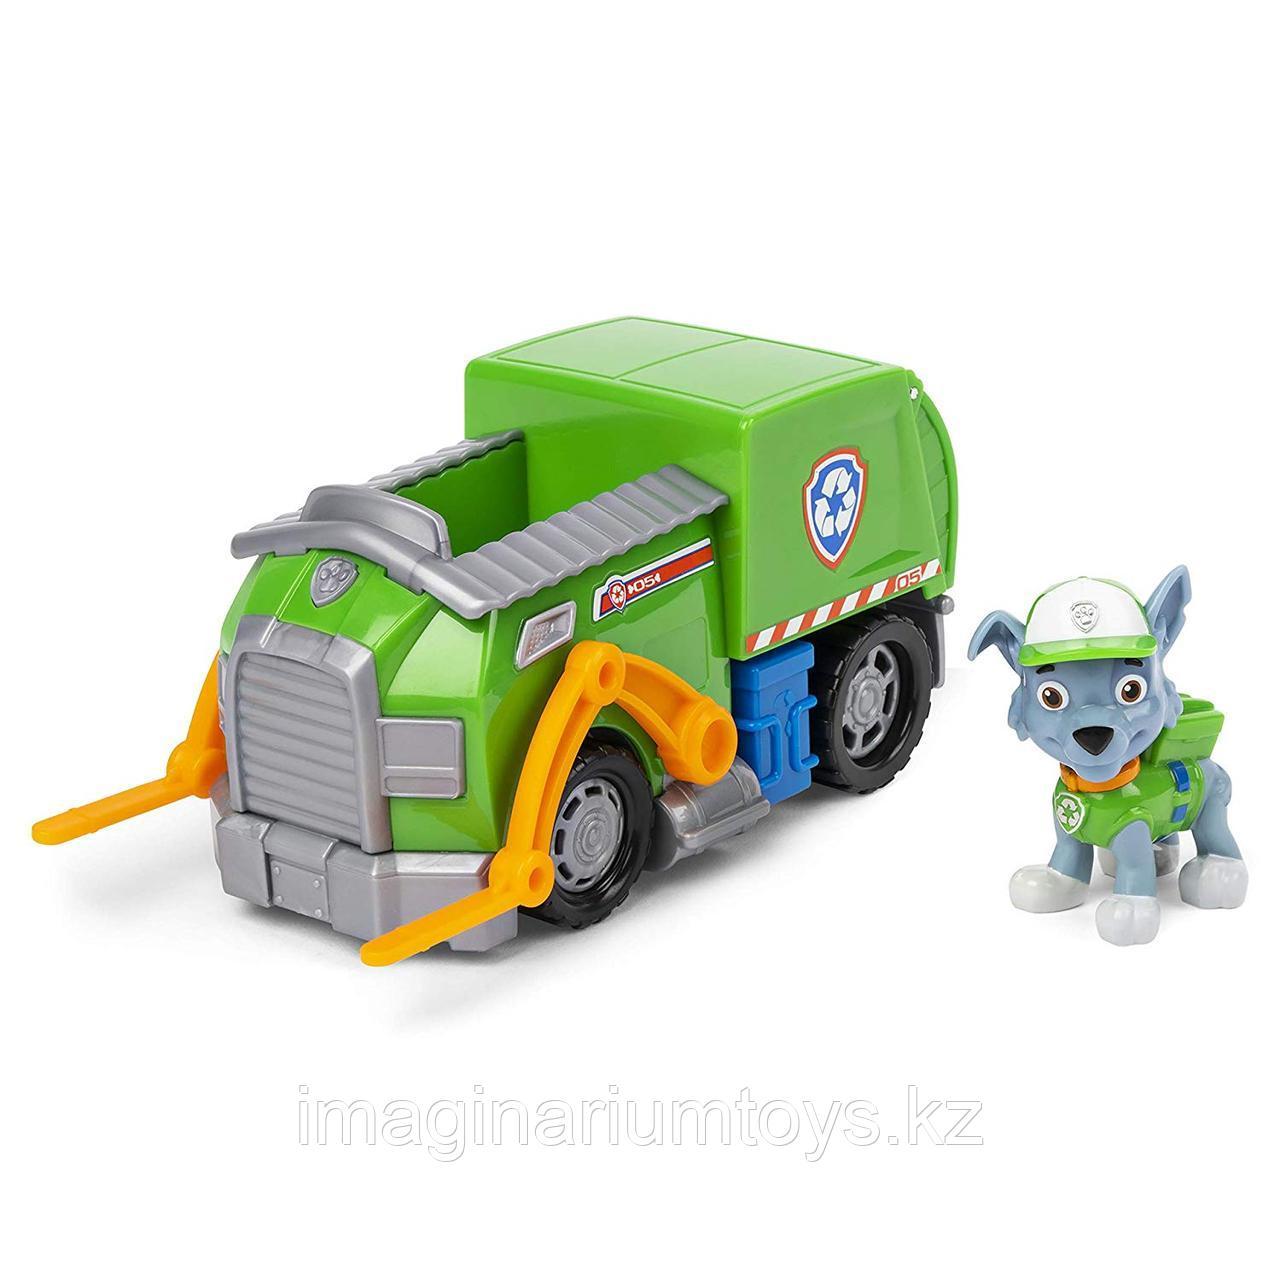 Рокки с мусоровозом игрушка Щенячий патруль